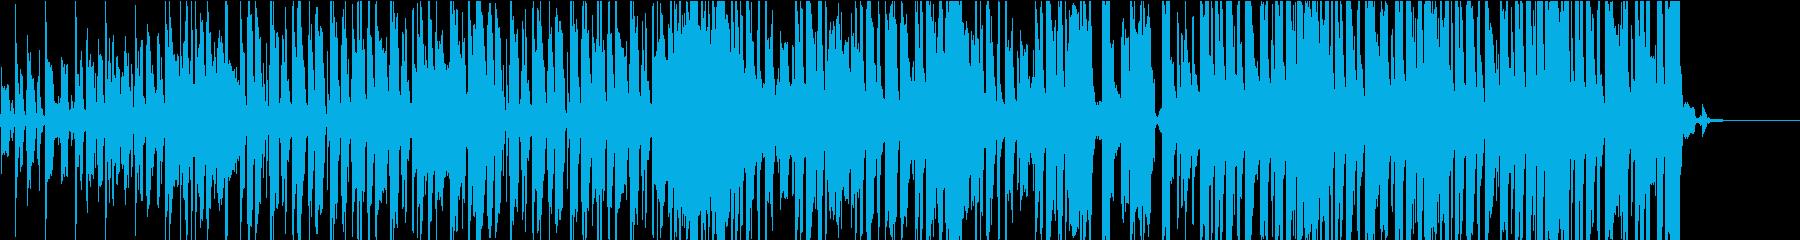 軽快で爽やかなFunkポップ風EDMの再生済みの波形